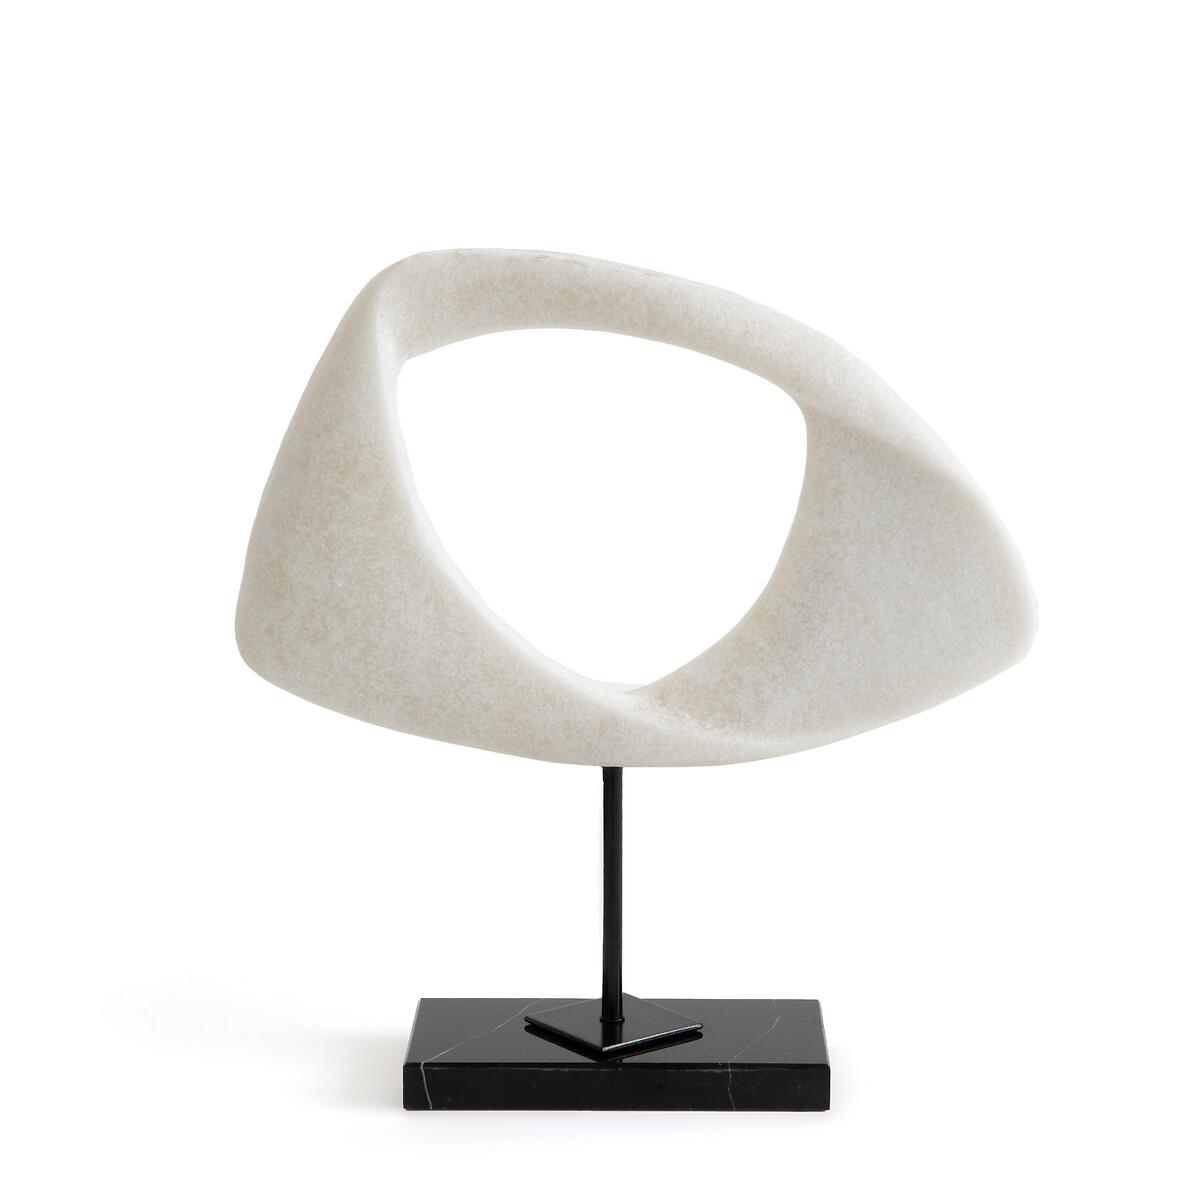 Скульптура LaRedoute Из полимера В33 см Mineral единый размер белый